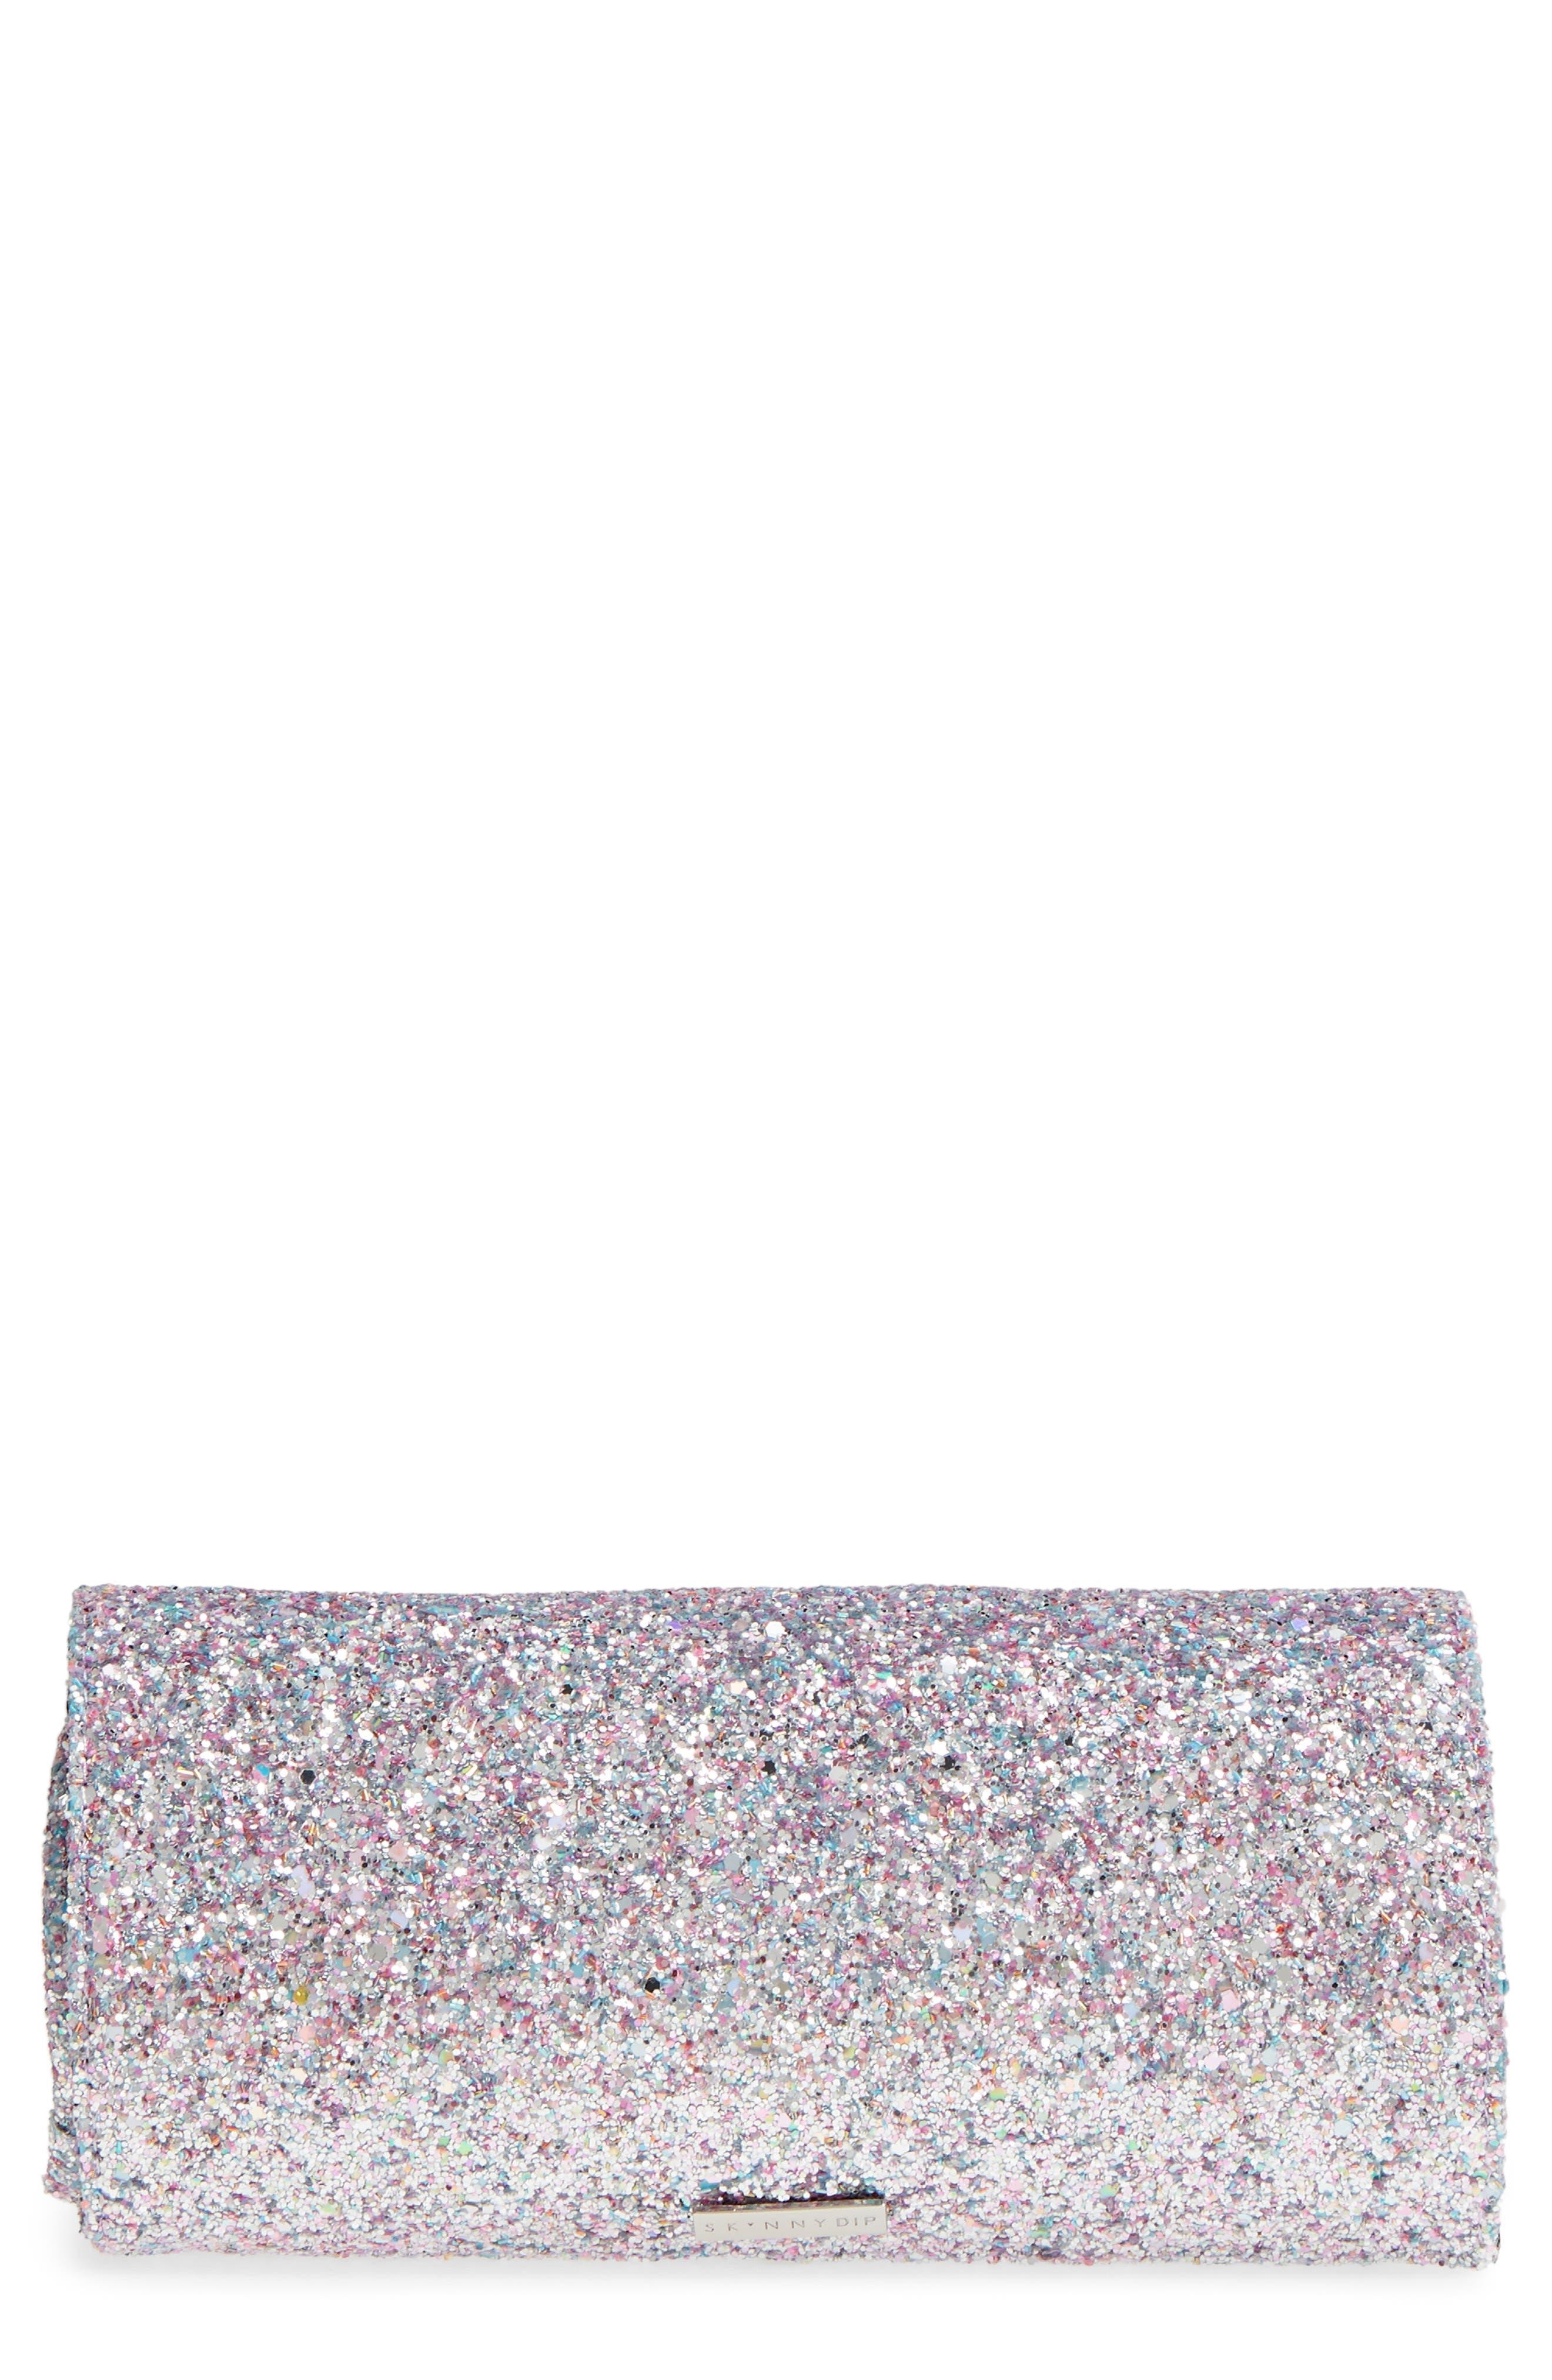 Skinny Dip Treasure Glitter Cosmetics Roll Bag,                         Main,                         color, 000